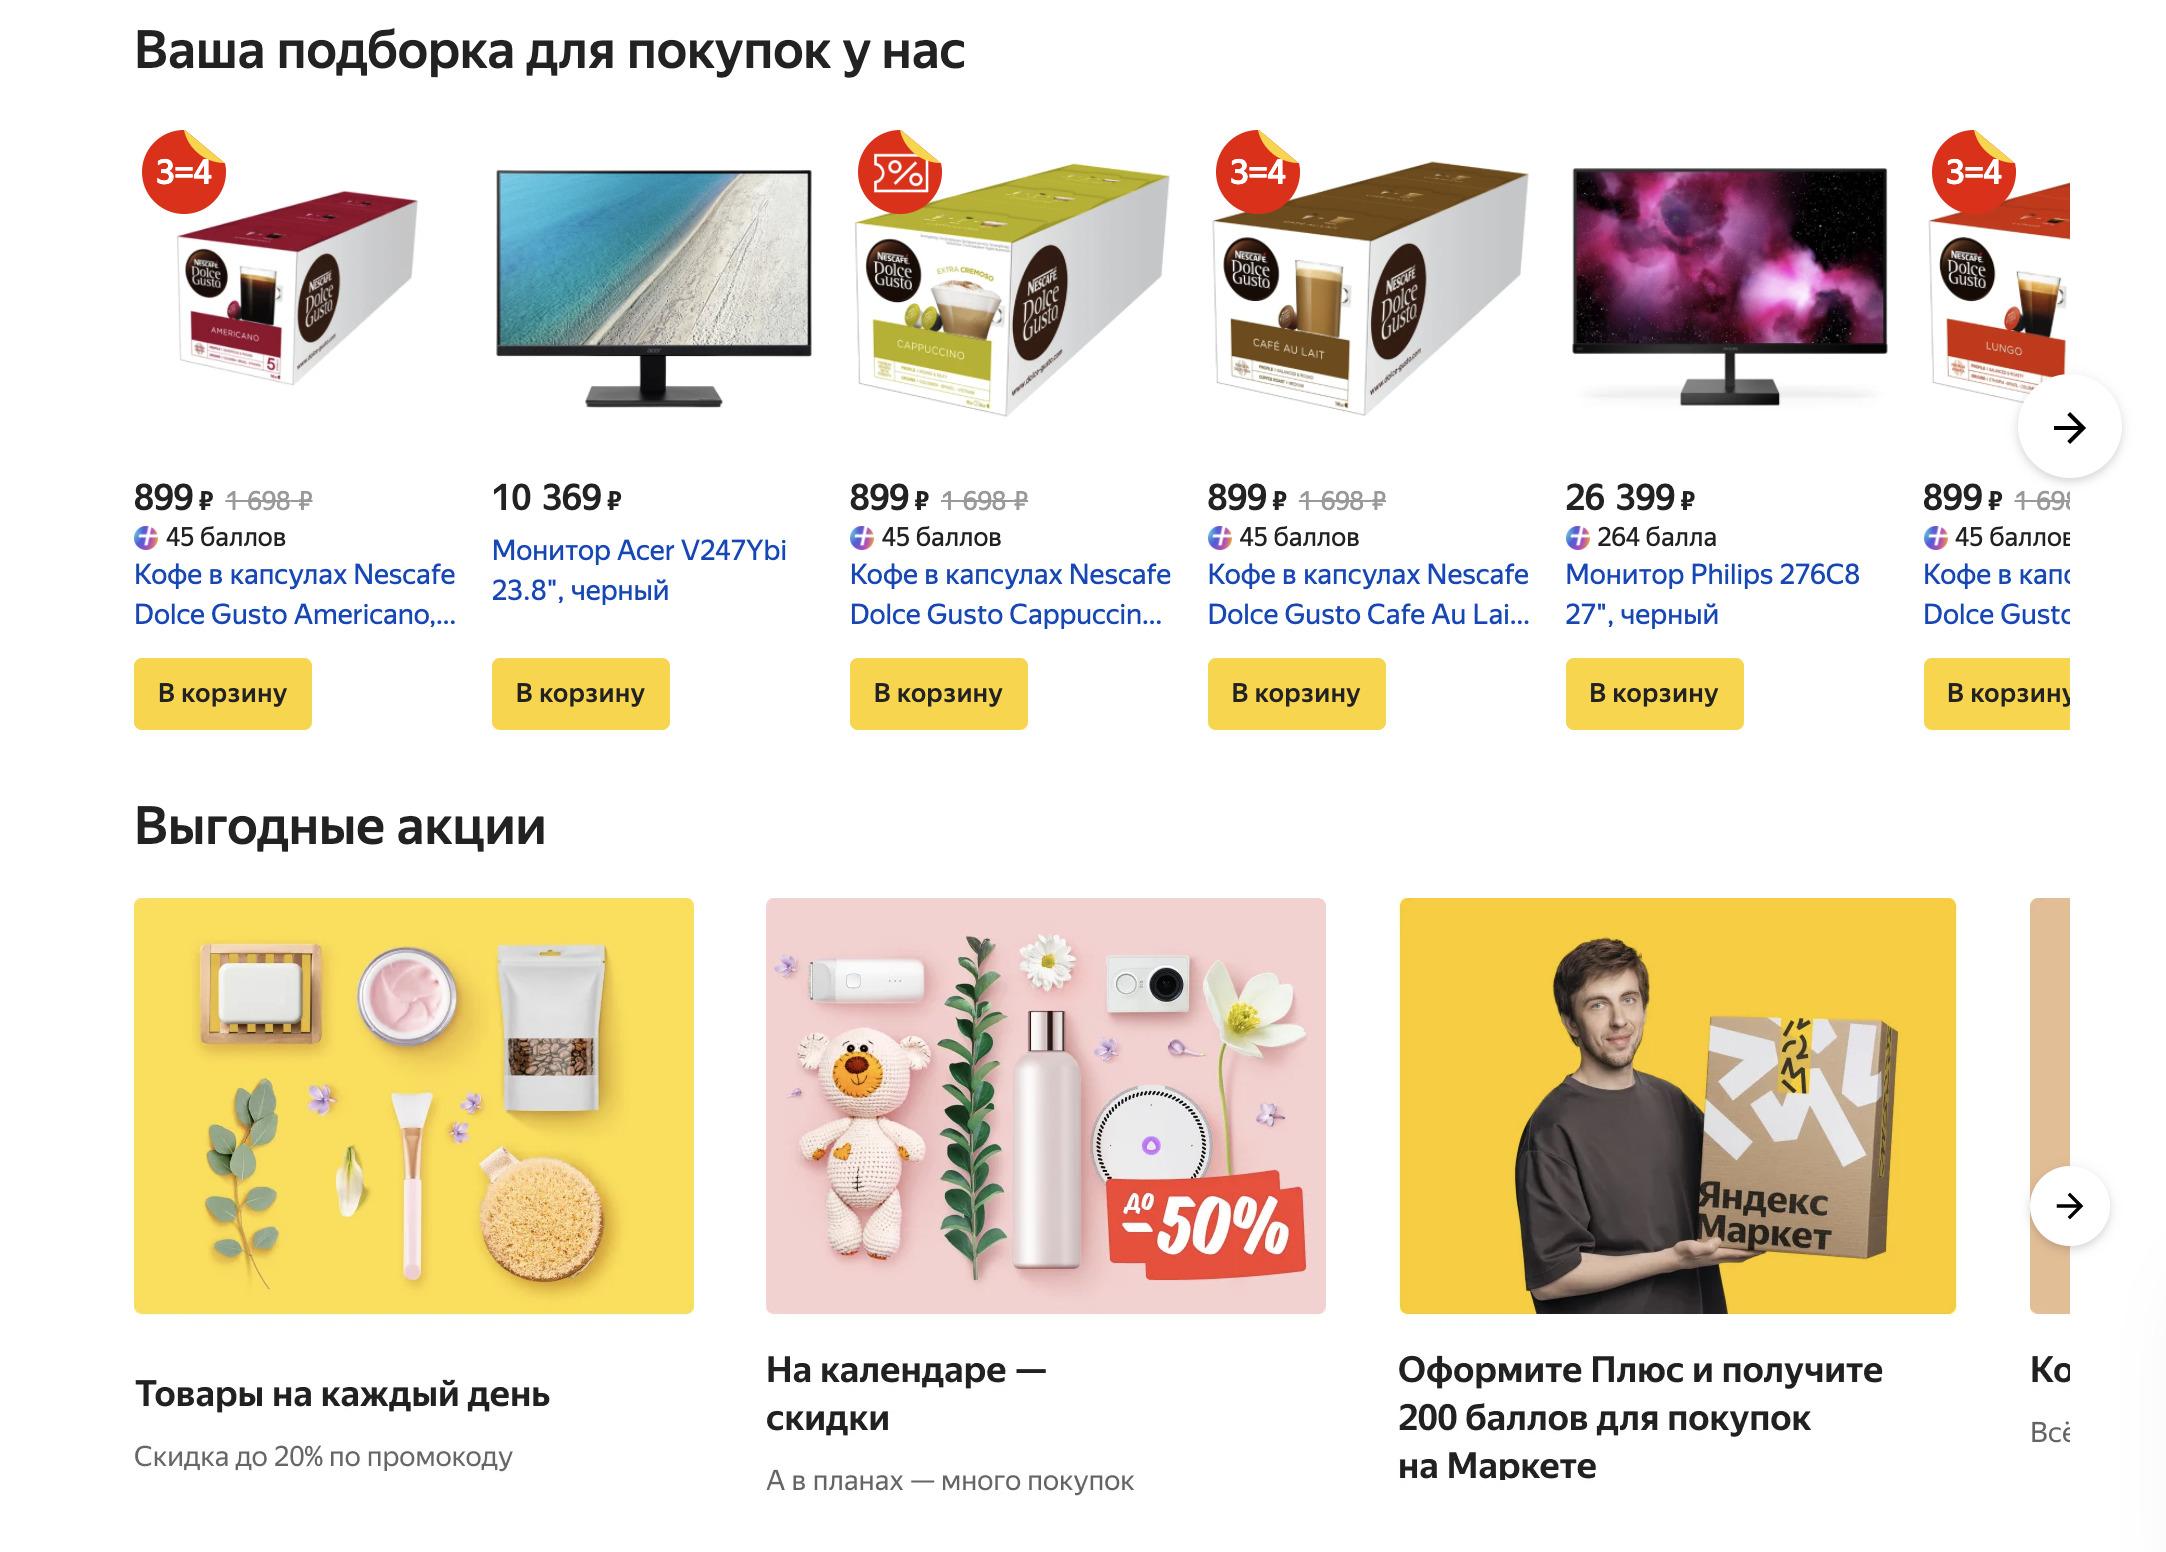 Доставка из Яндекс.Маркет в Тюменскую область, сроки, пункты выдачи, каталог